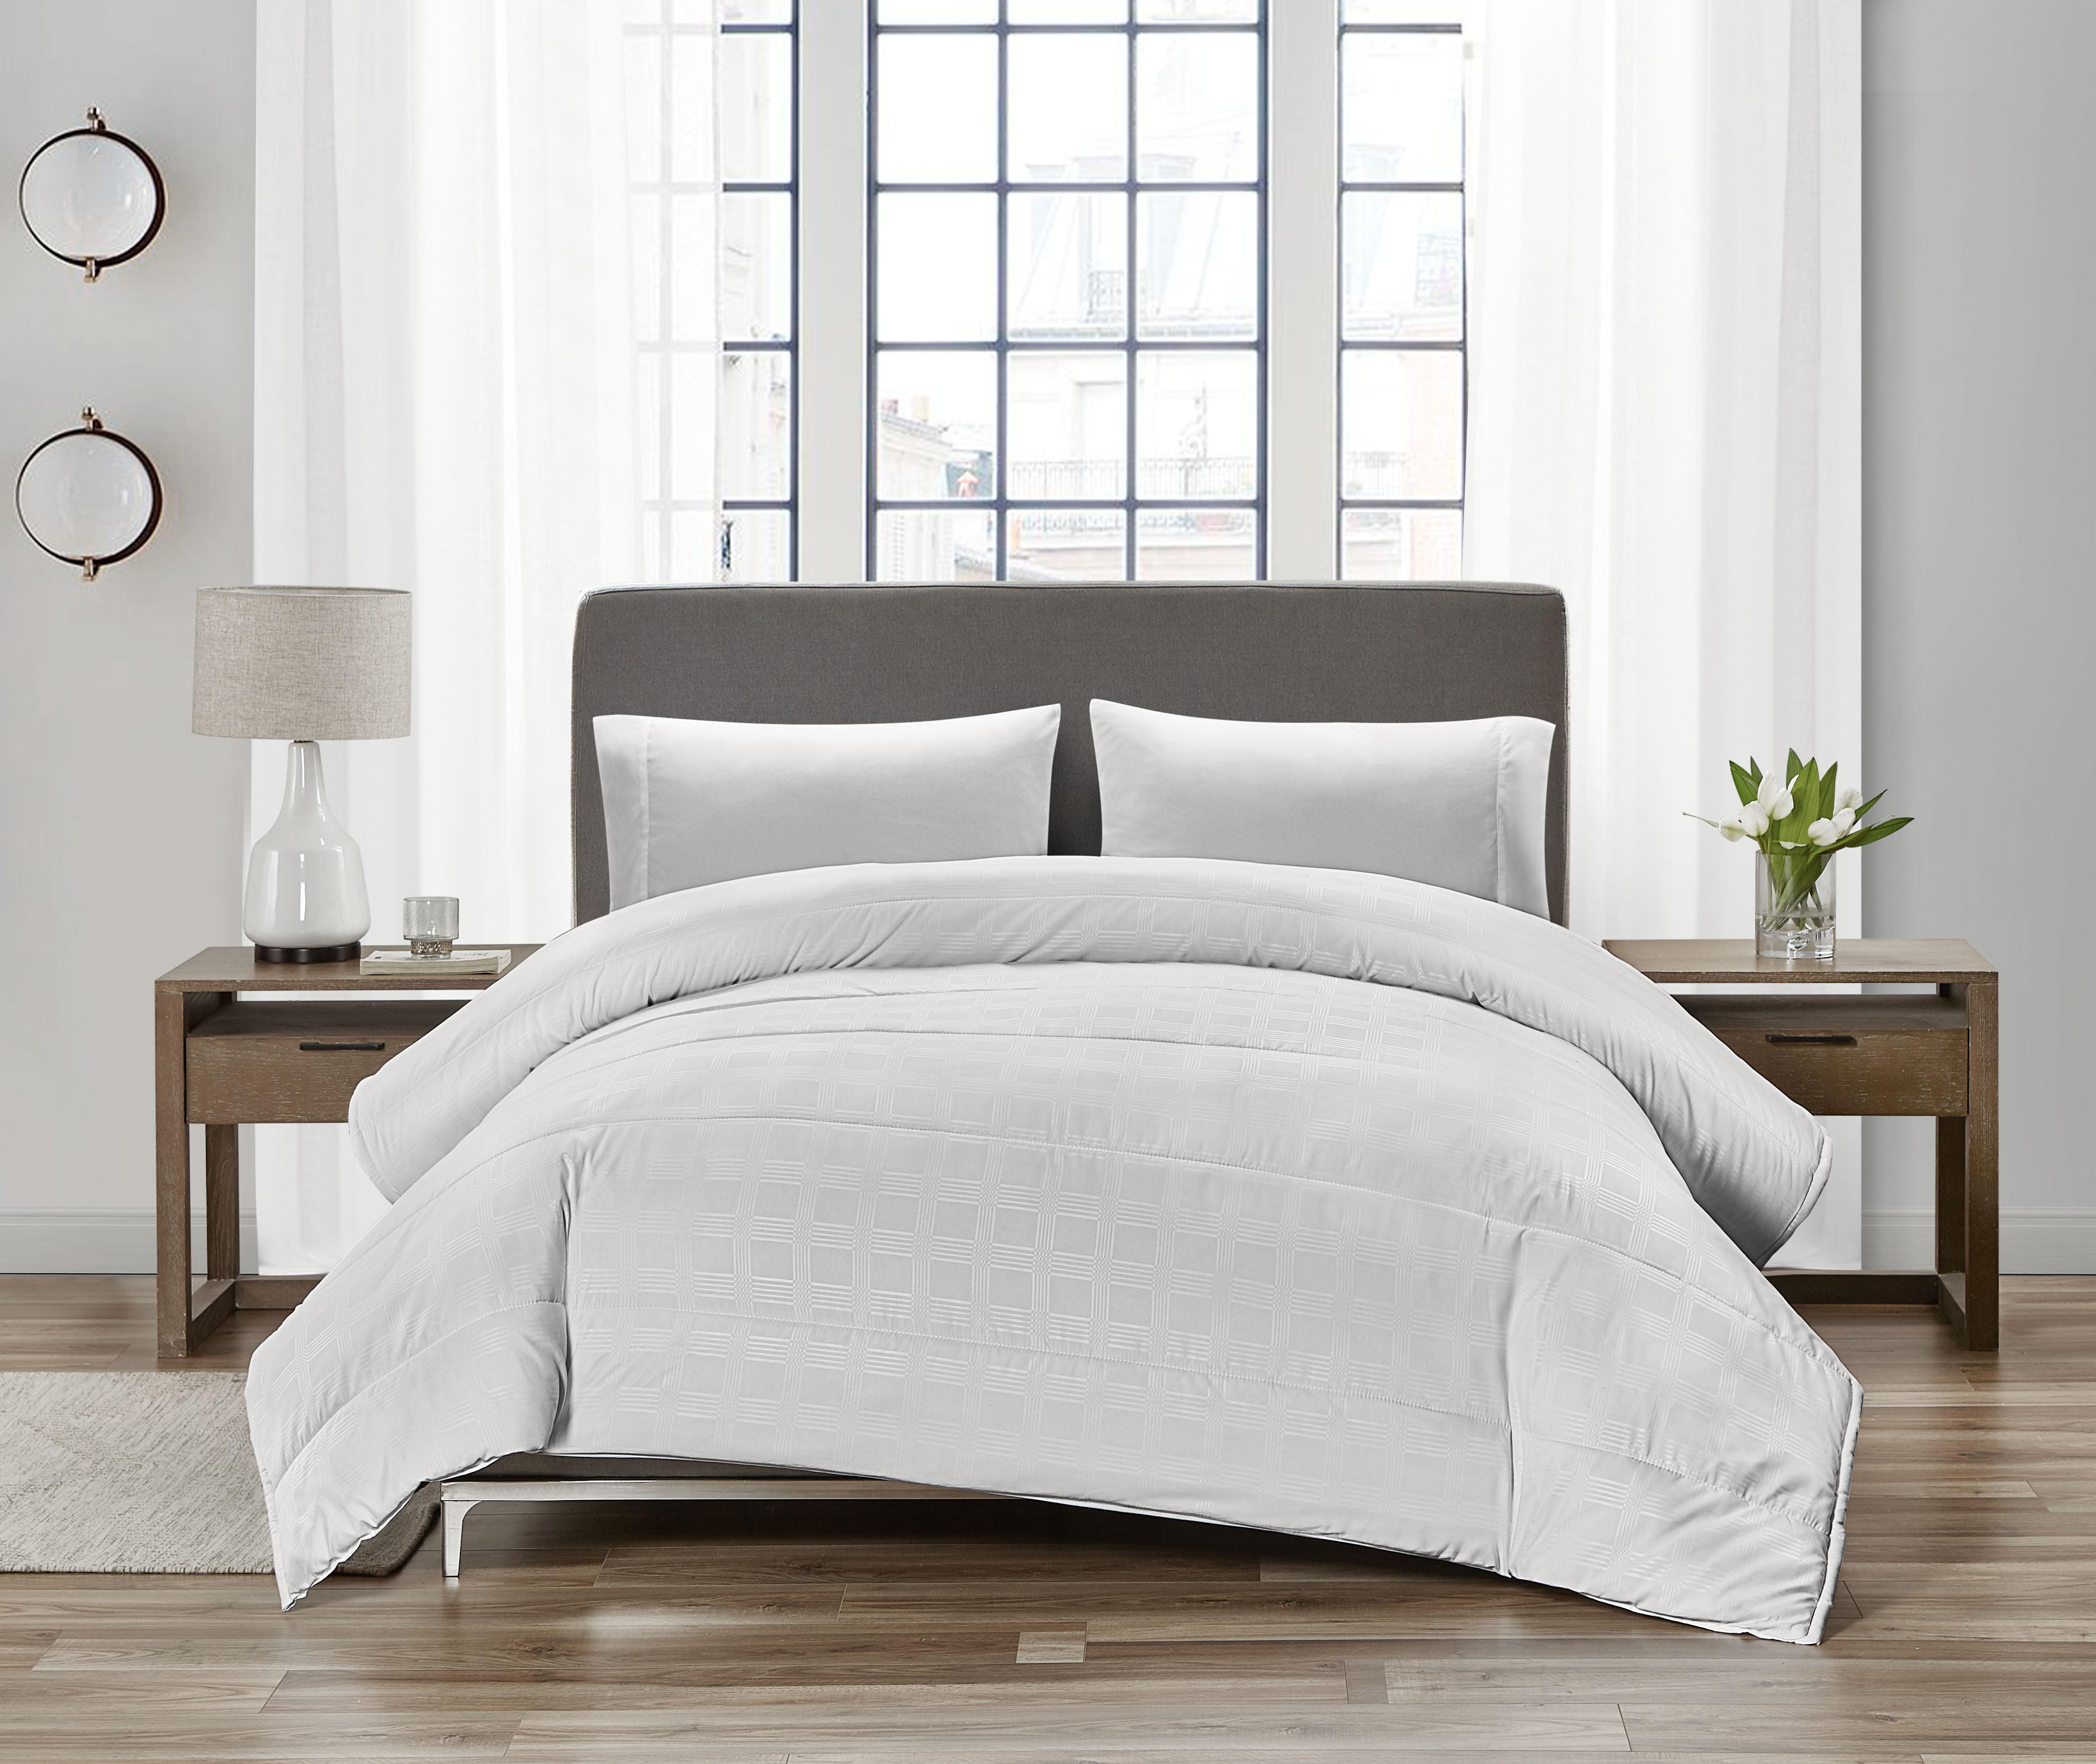 Canada S Best Embossed Down Alternative Comforter Heavy Weight Twin Walmart Com Walmart Com